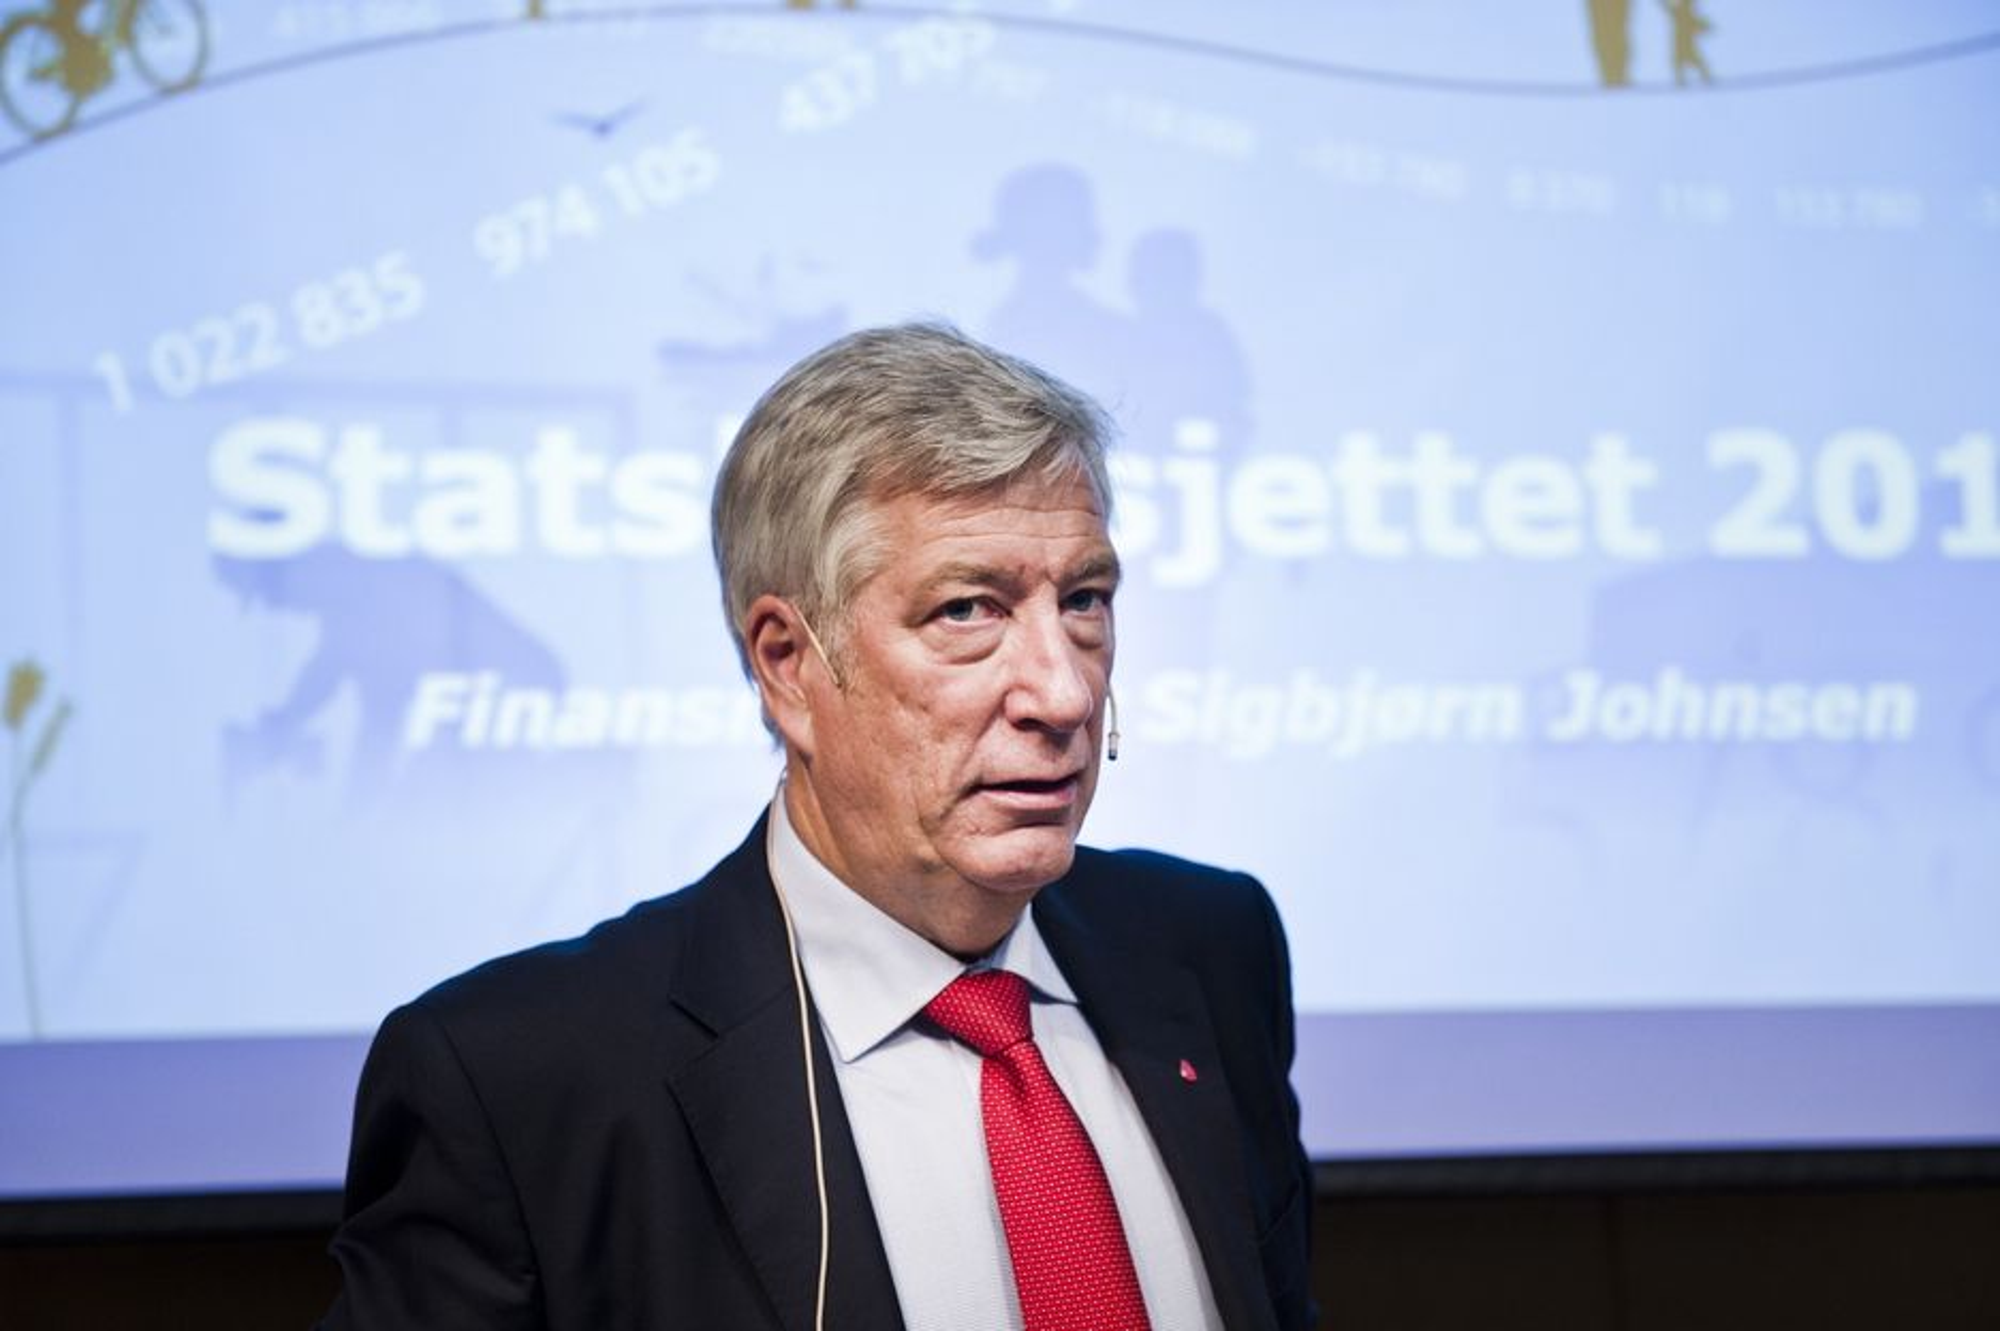 PENGESTERK: Norges finansminister Sigbjørn Johnsen har en pengesekk som EUs krisefond ønsker tilgang til.